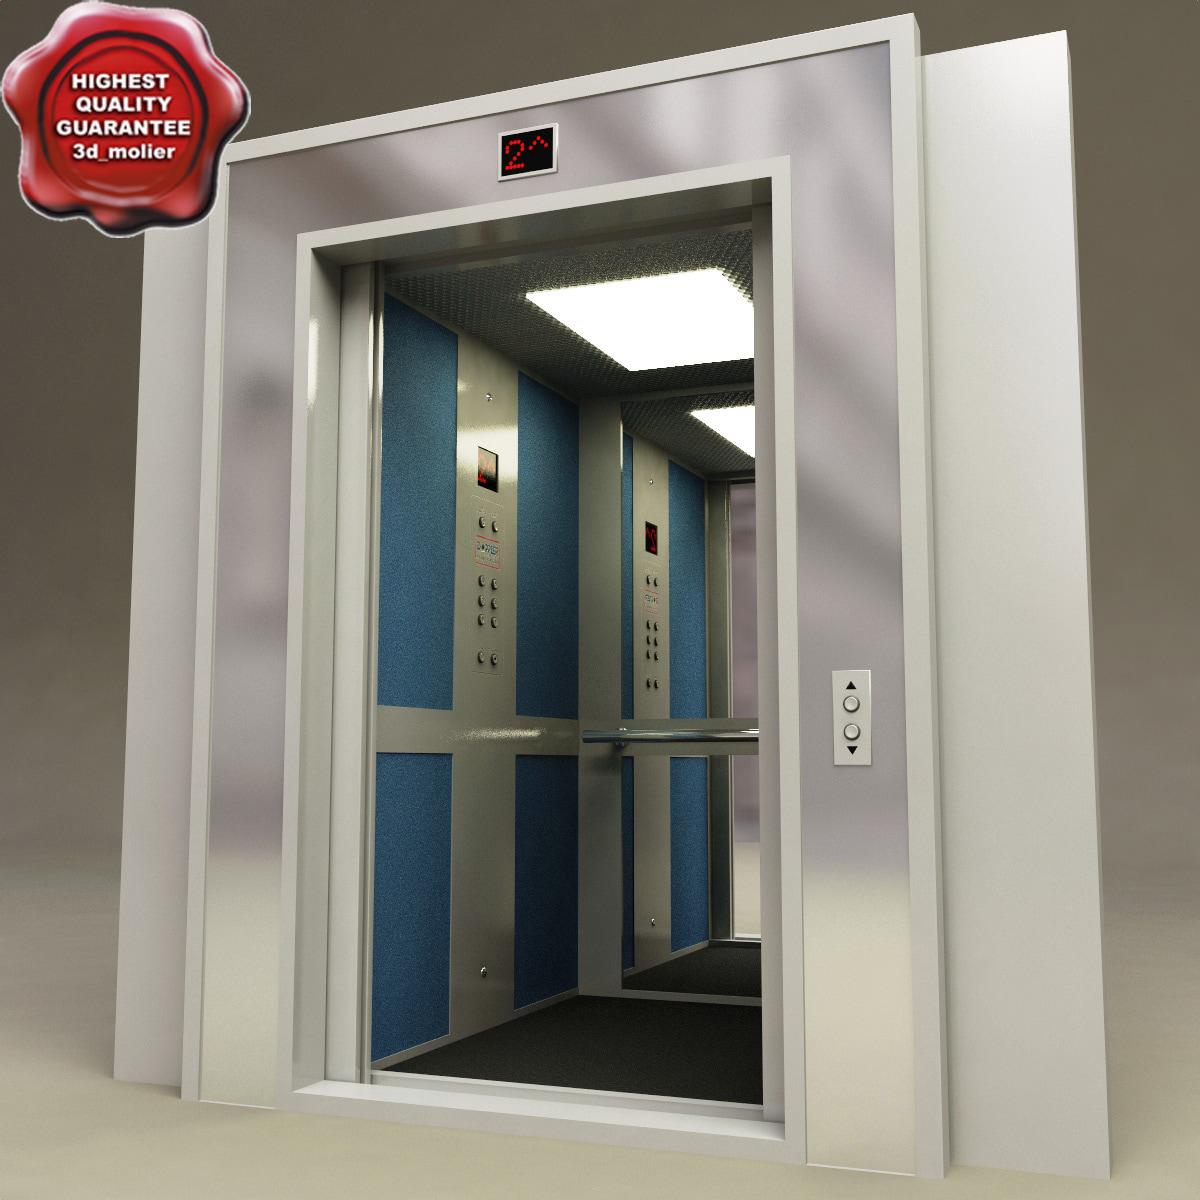 Lift_Interior_V1_0.jpg